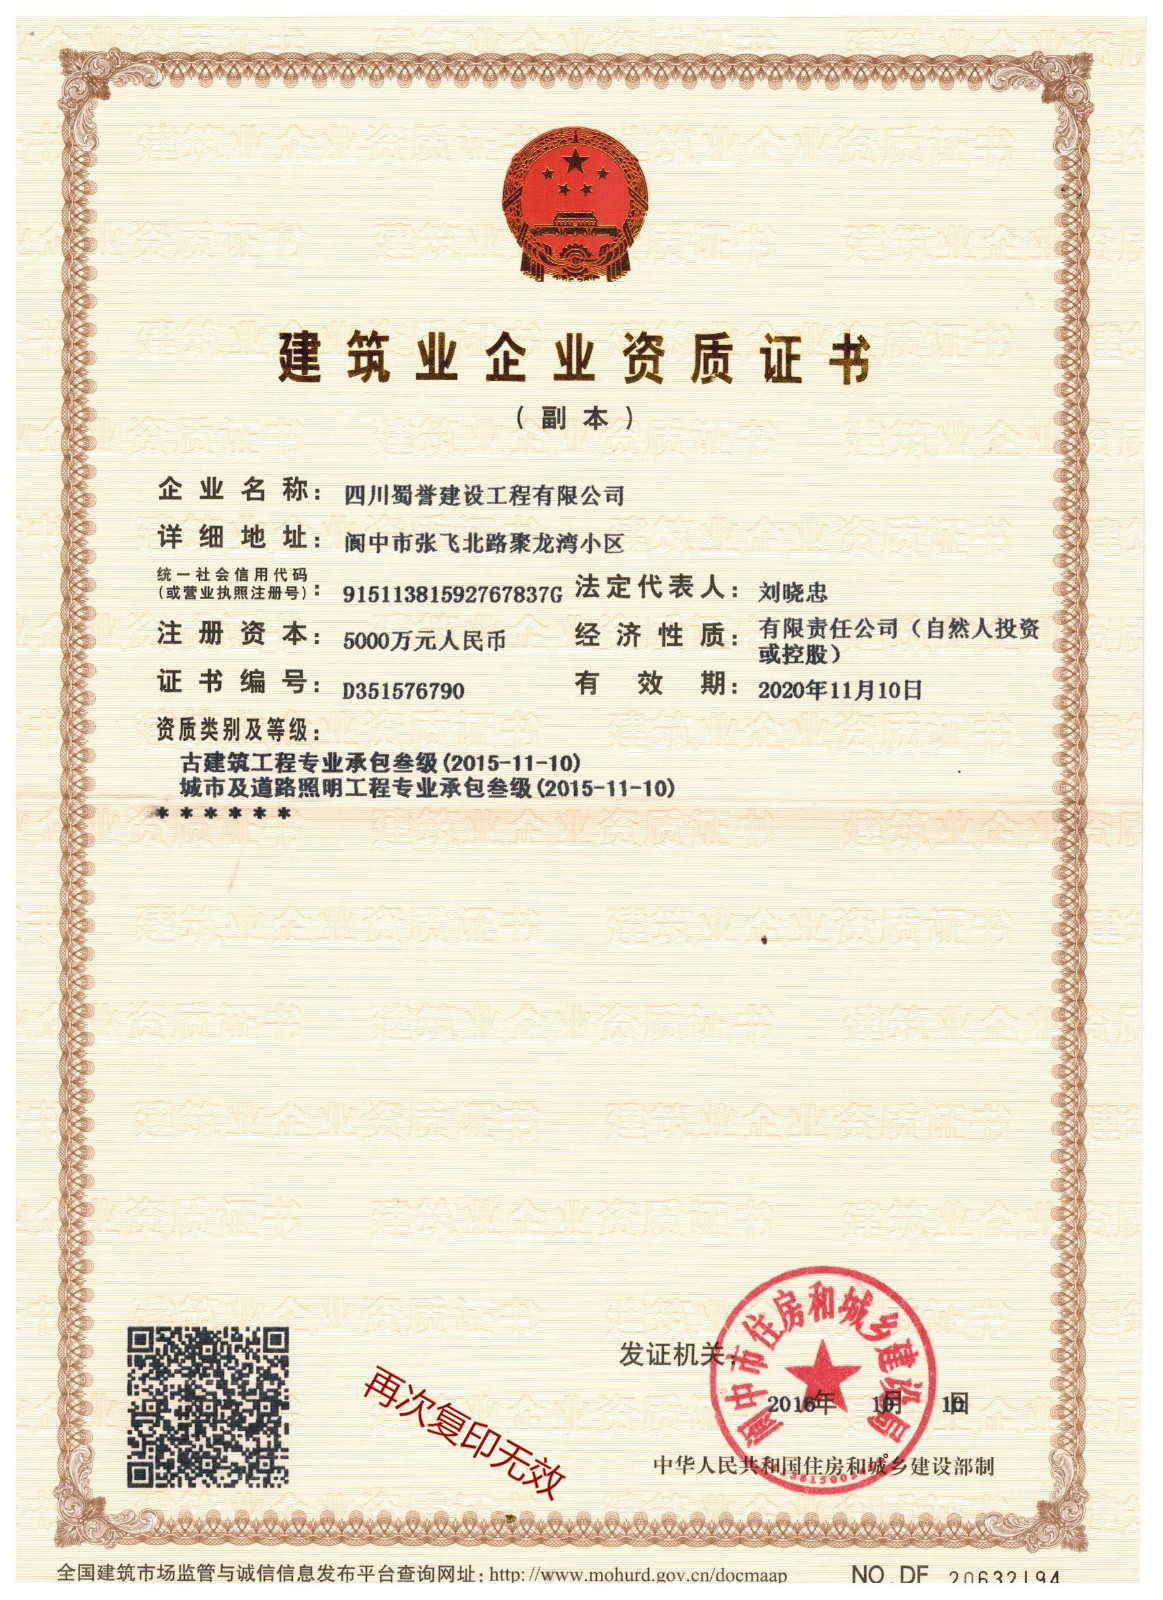 照明工程资质证书